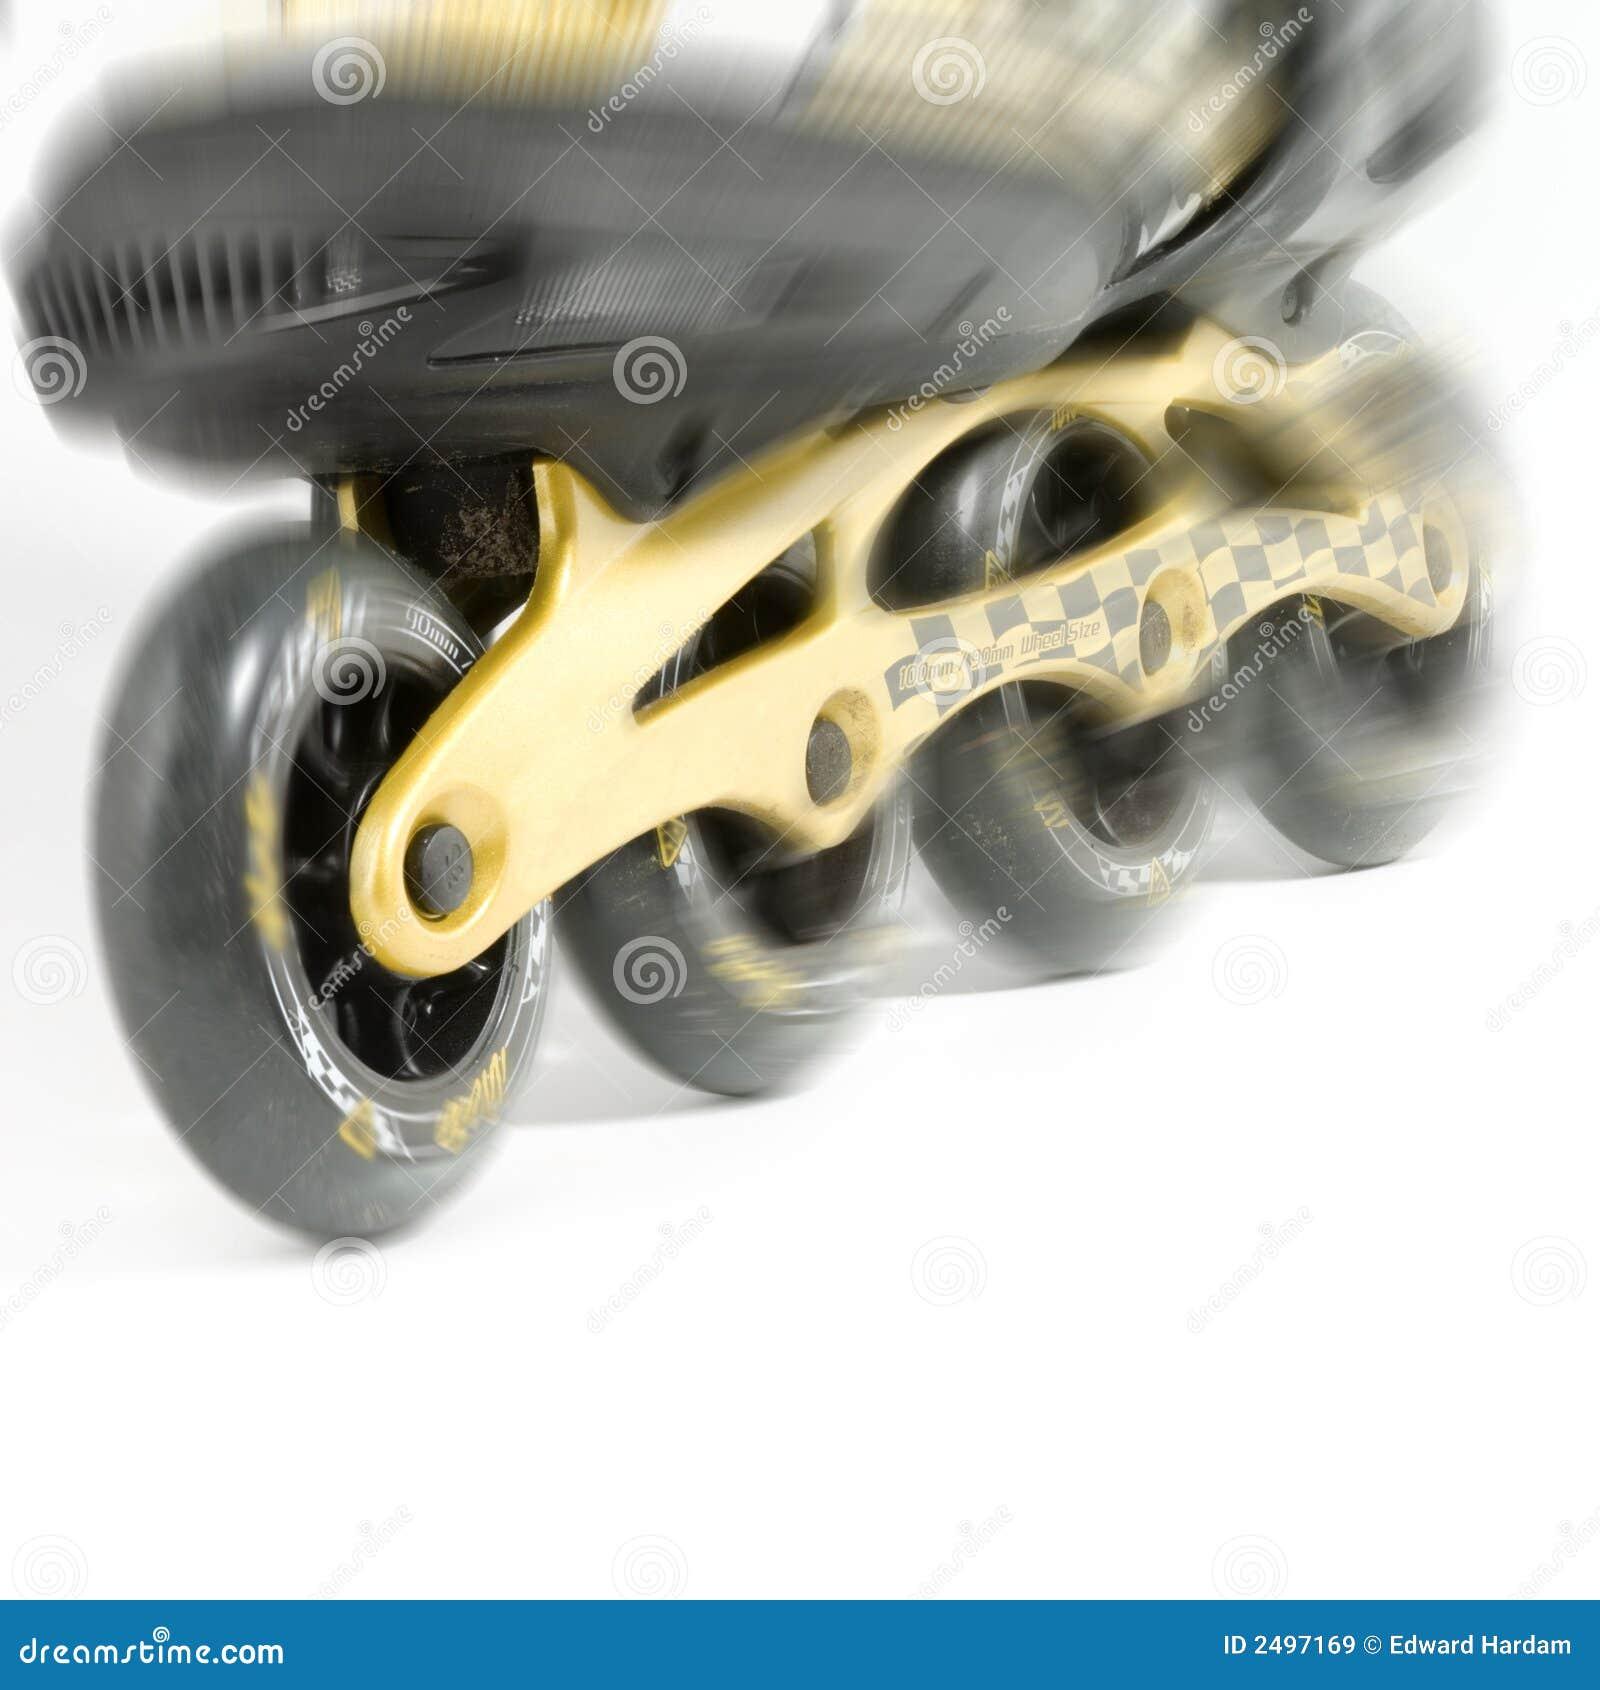 Action de patin de Roler image stock. Image du mouvement